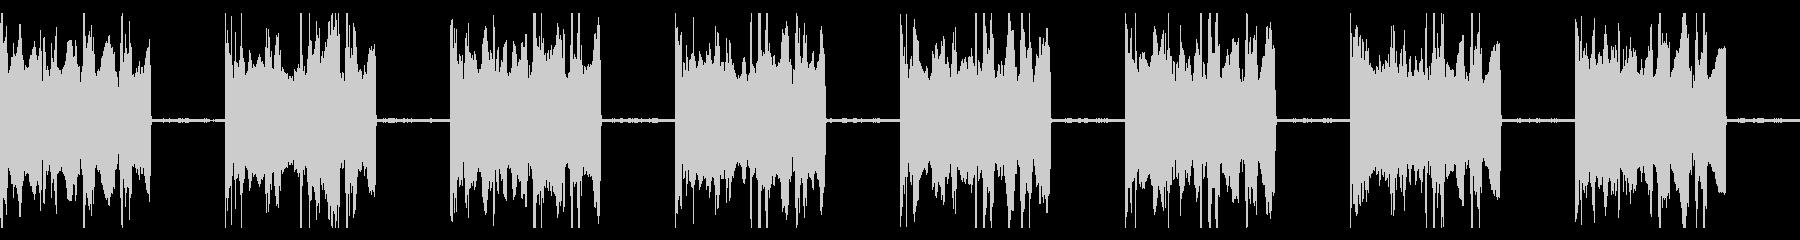 シンプルなエラー・アラート音の未再生の波形